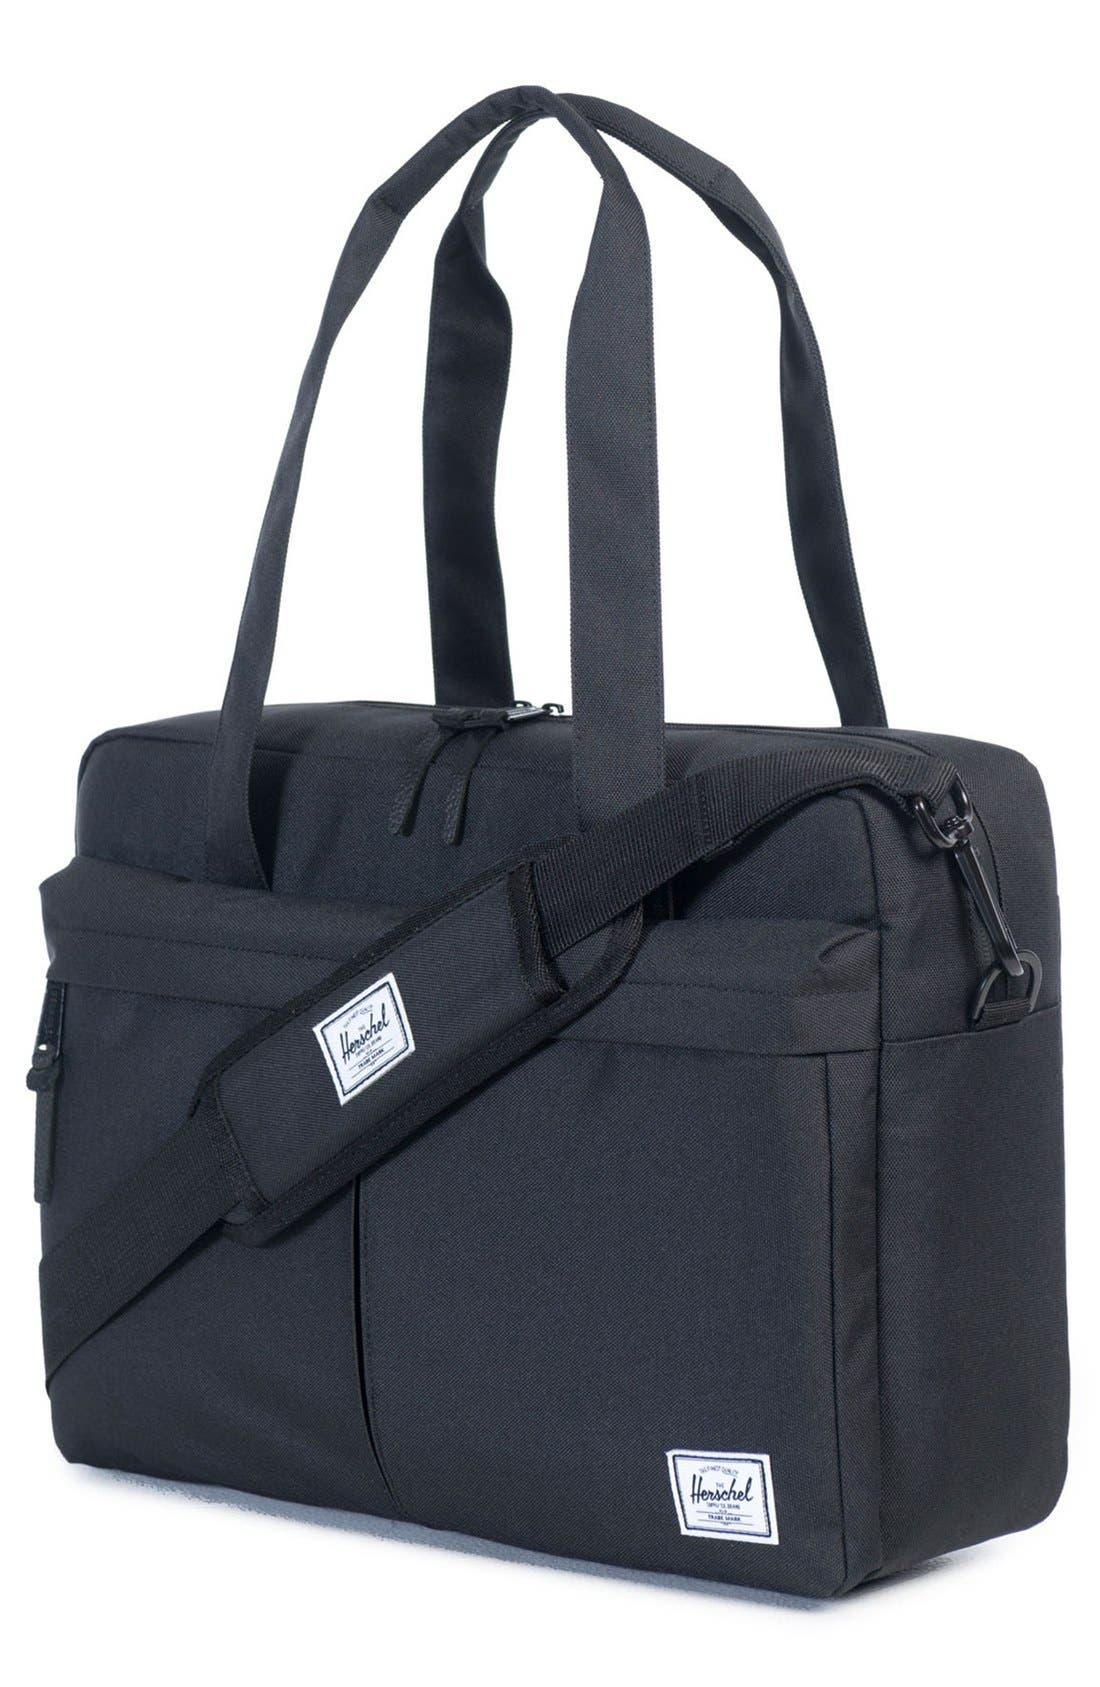 'Gibson' Messenger Bag,                             Alternate thumbnail 2, color,                             Black